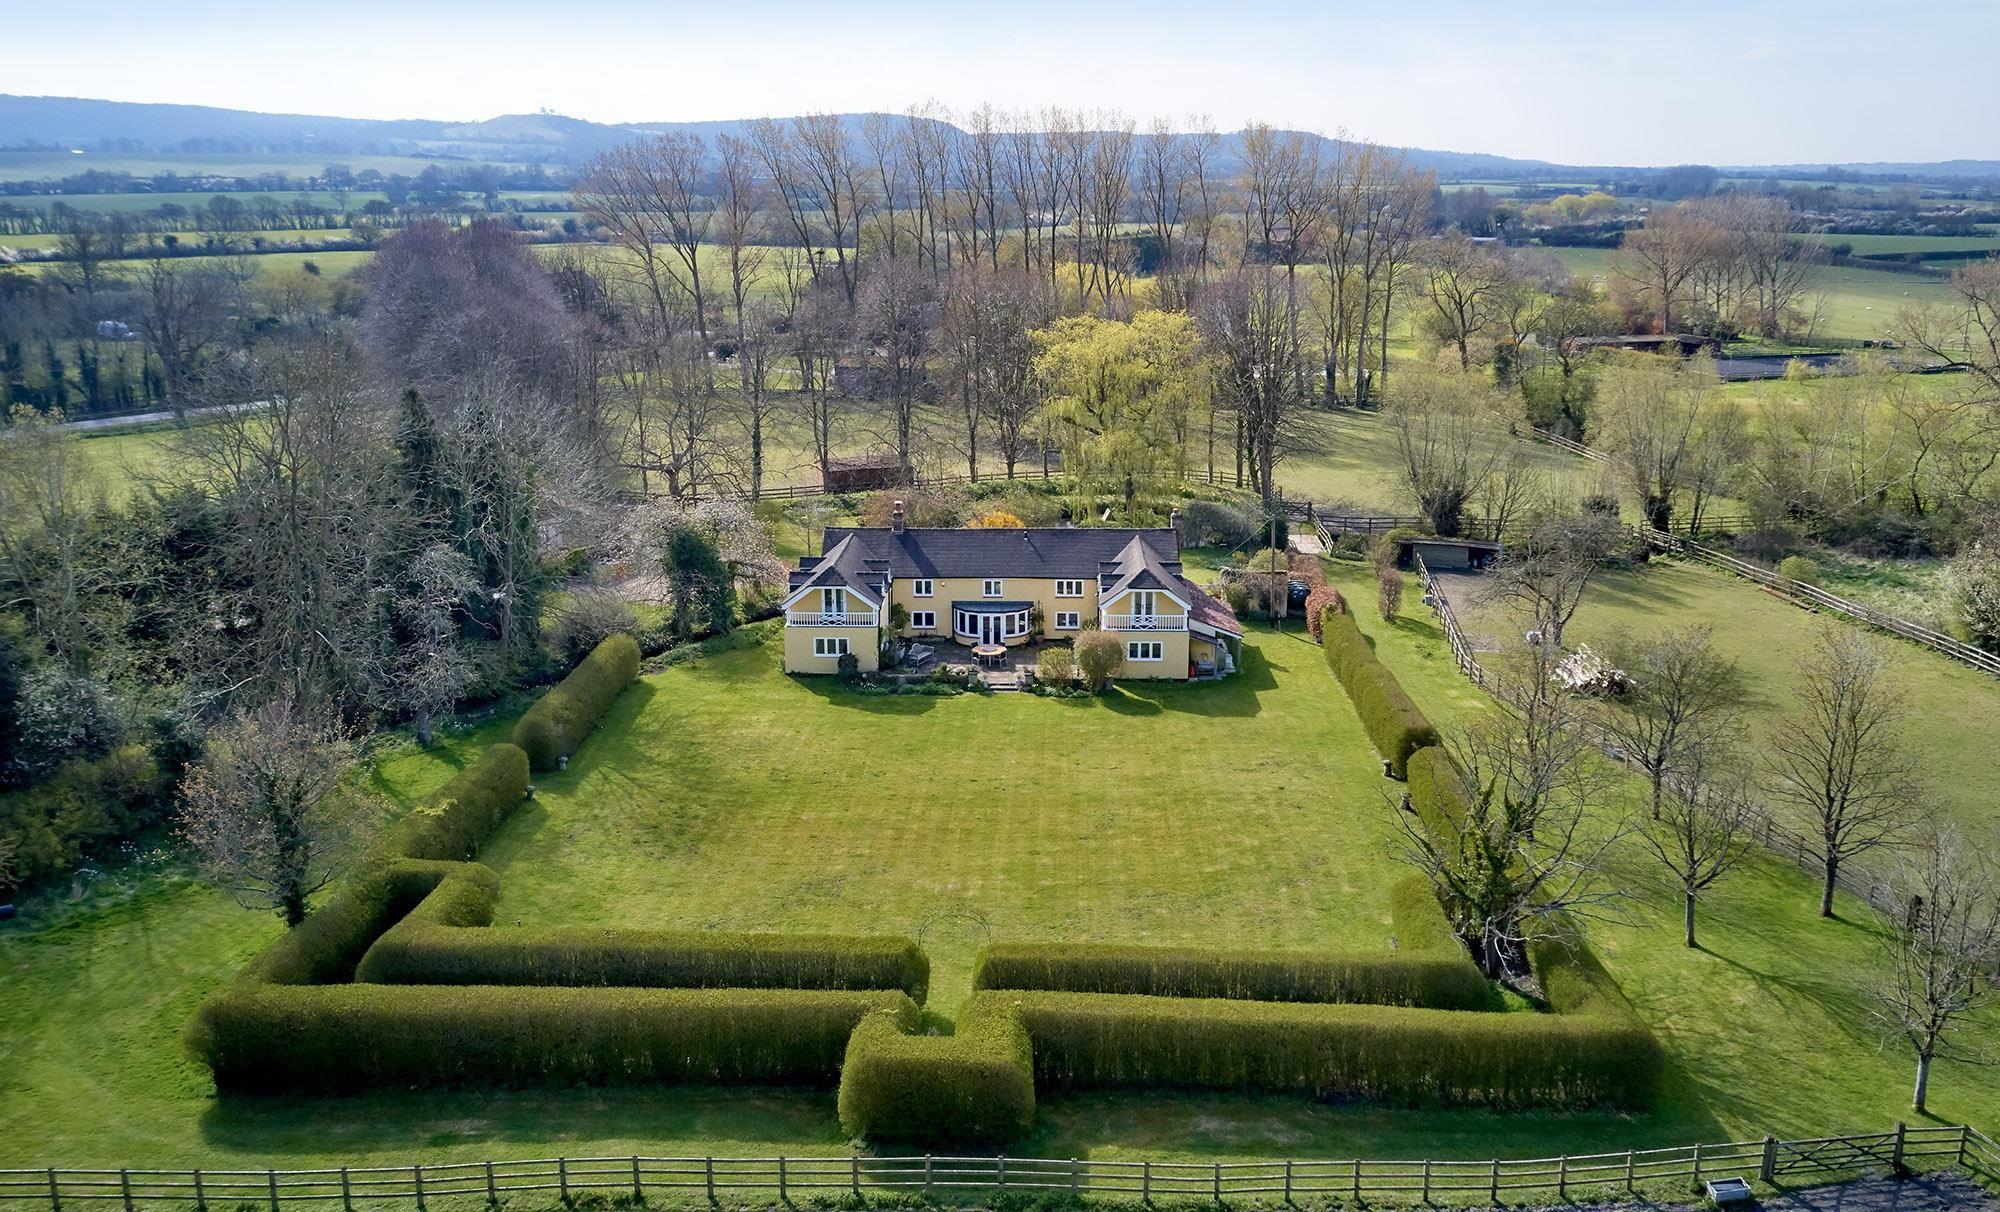 Property photo 1 of 24. Image